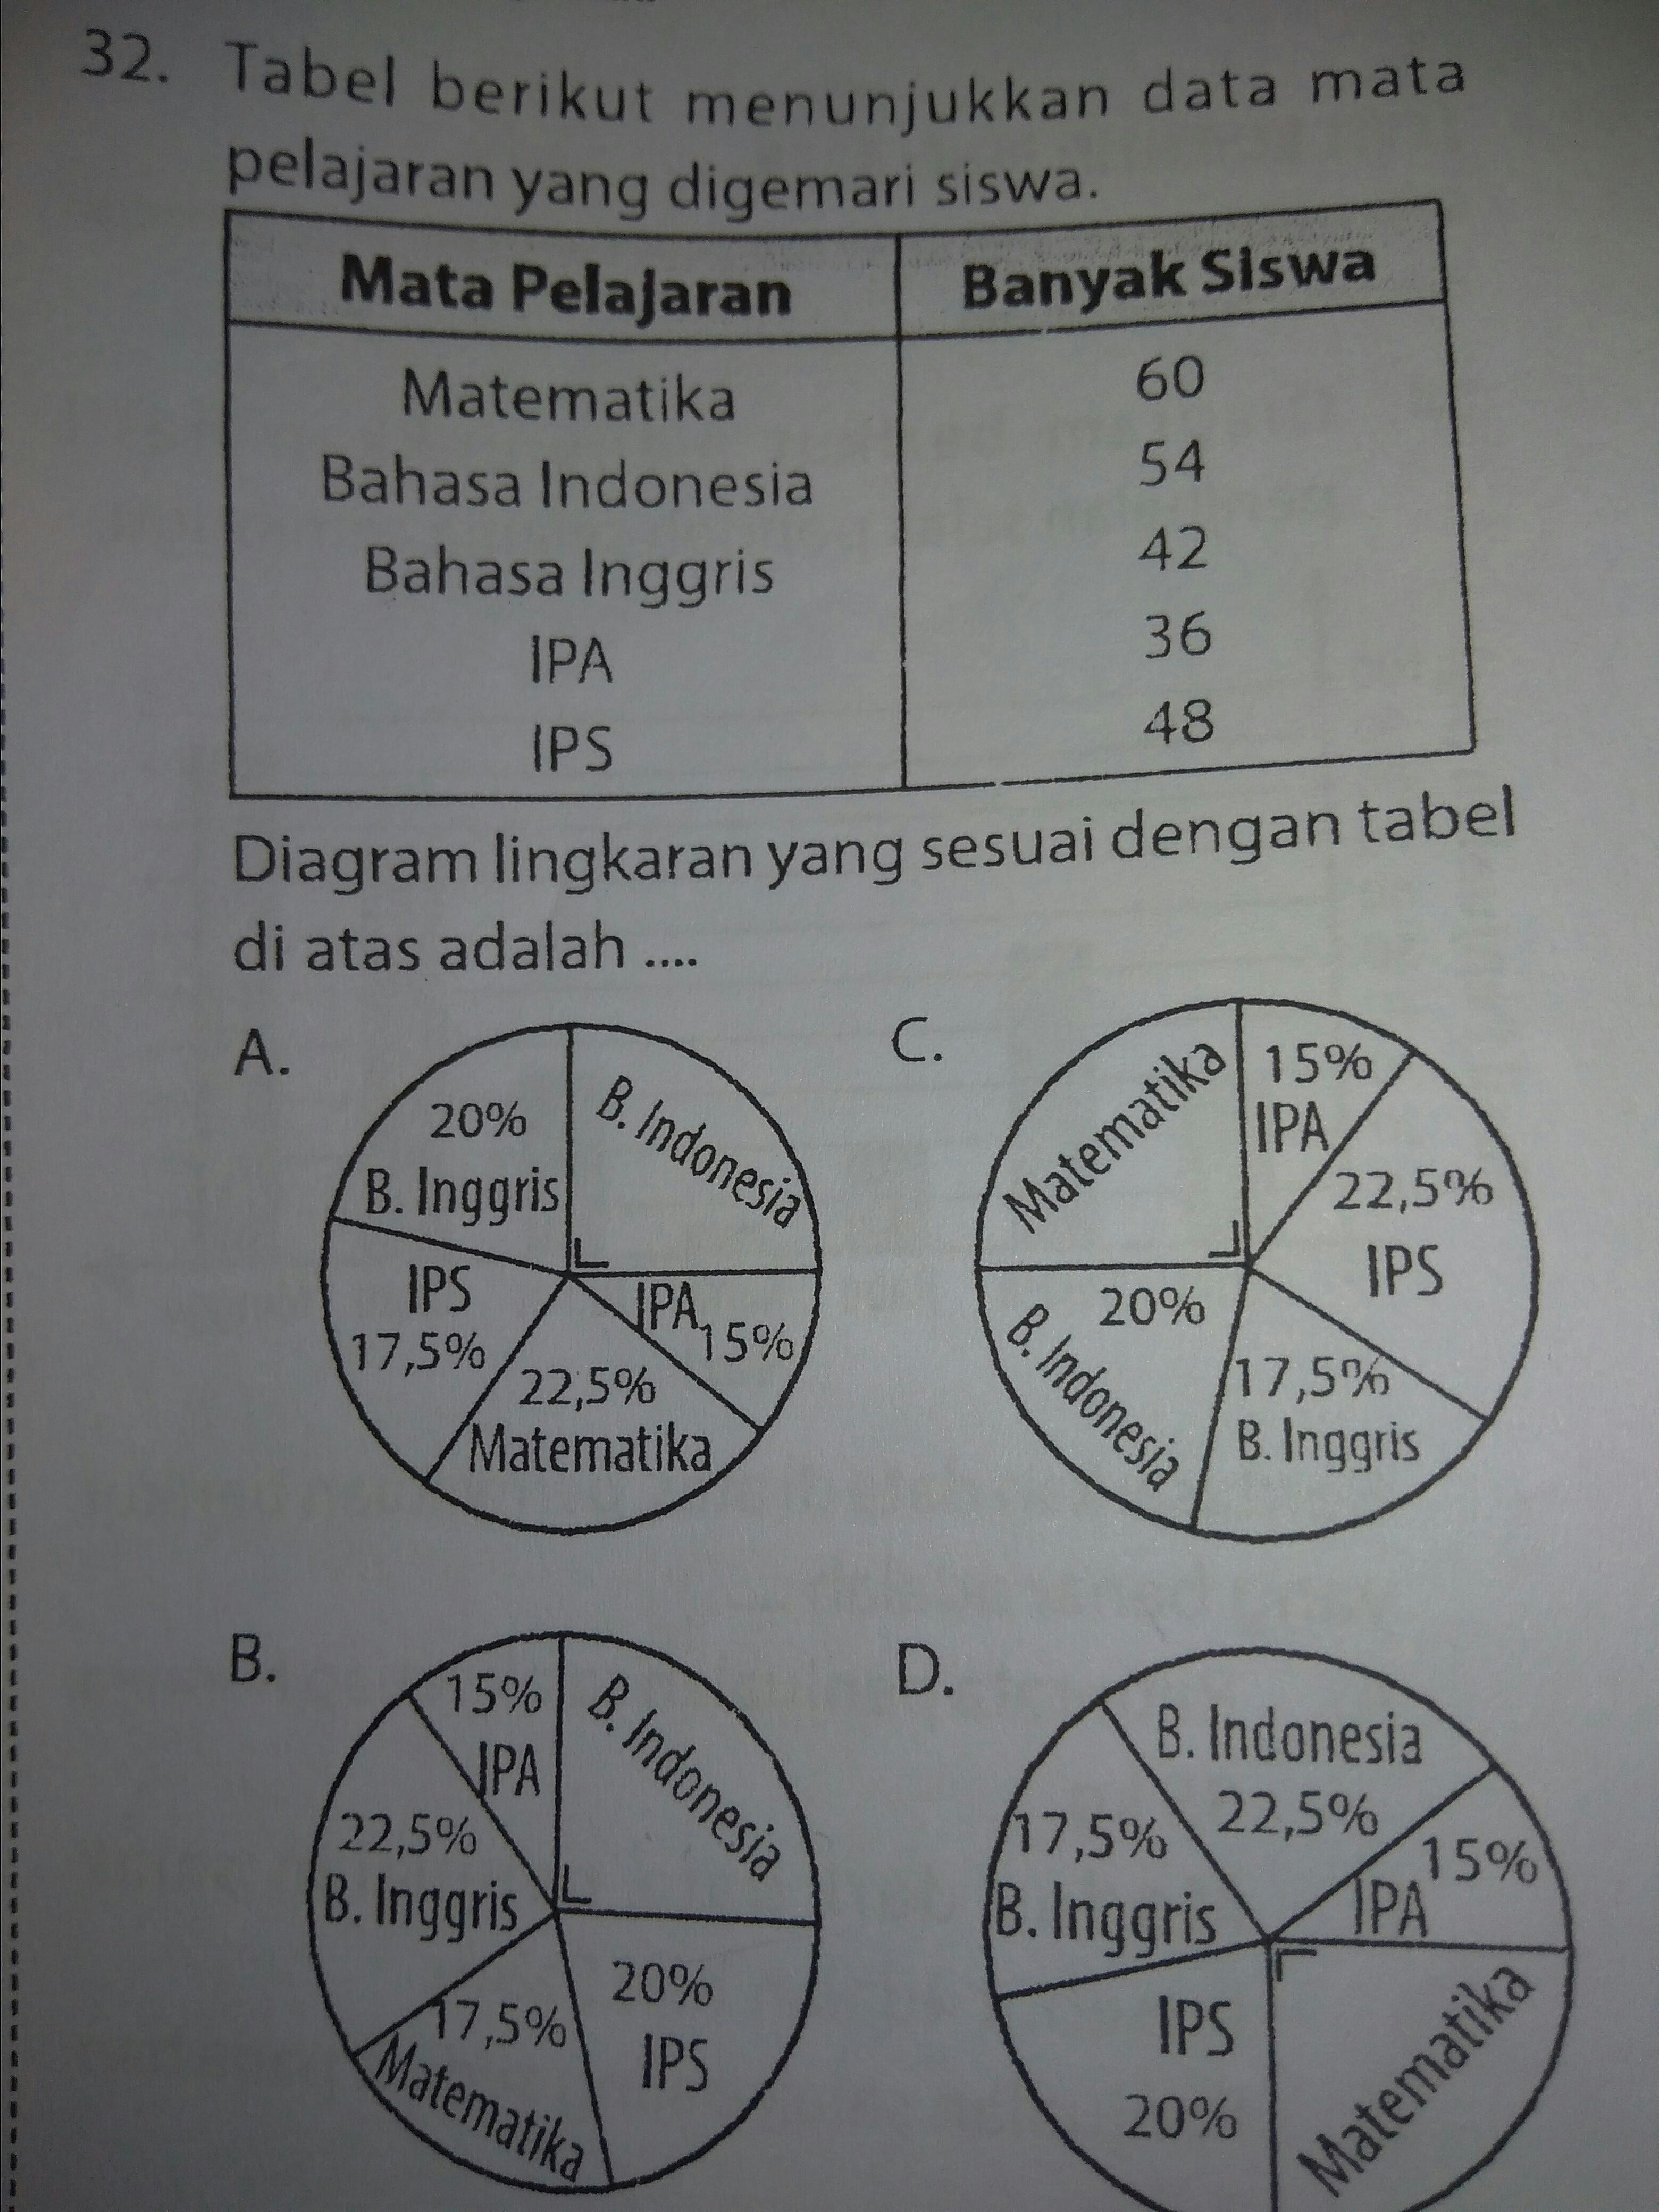 Diagram lingkaran yang sesuai dengan tabel diatas adalah tolong diagram lingkaran yang sesuai dengan tabel diatas adalah tolong dijawab besok dikumpulin pake cara terima kasih ccuart Images